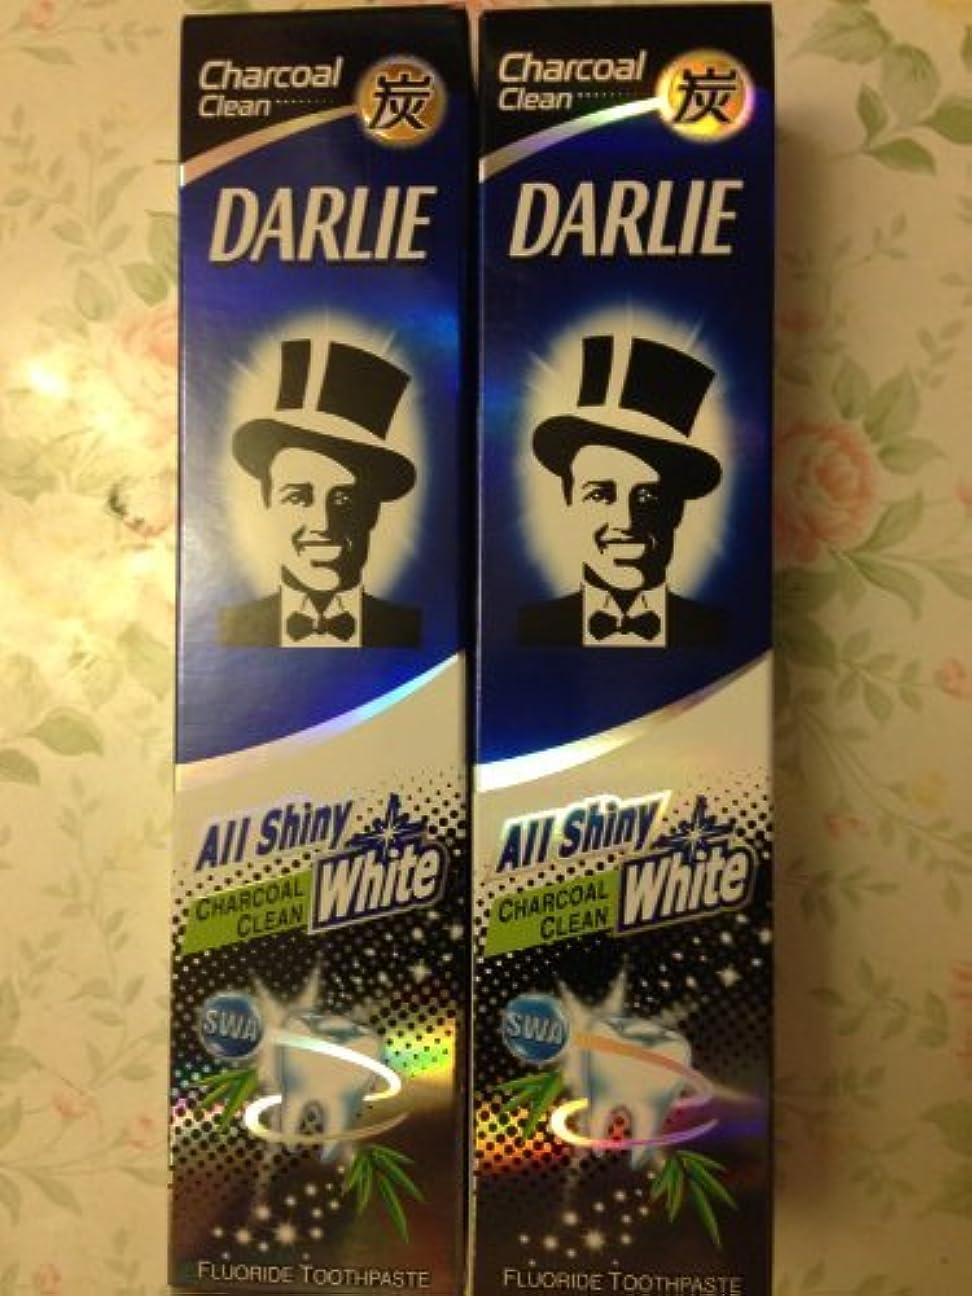 少年応じる食欲2 packs of Darlie Charcoal All Shiny Whitening Toothpaste by Darlie